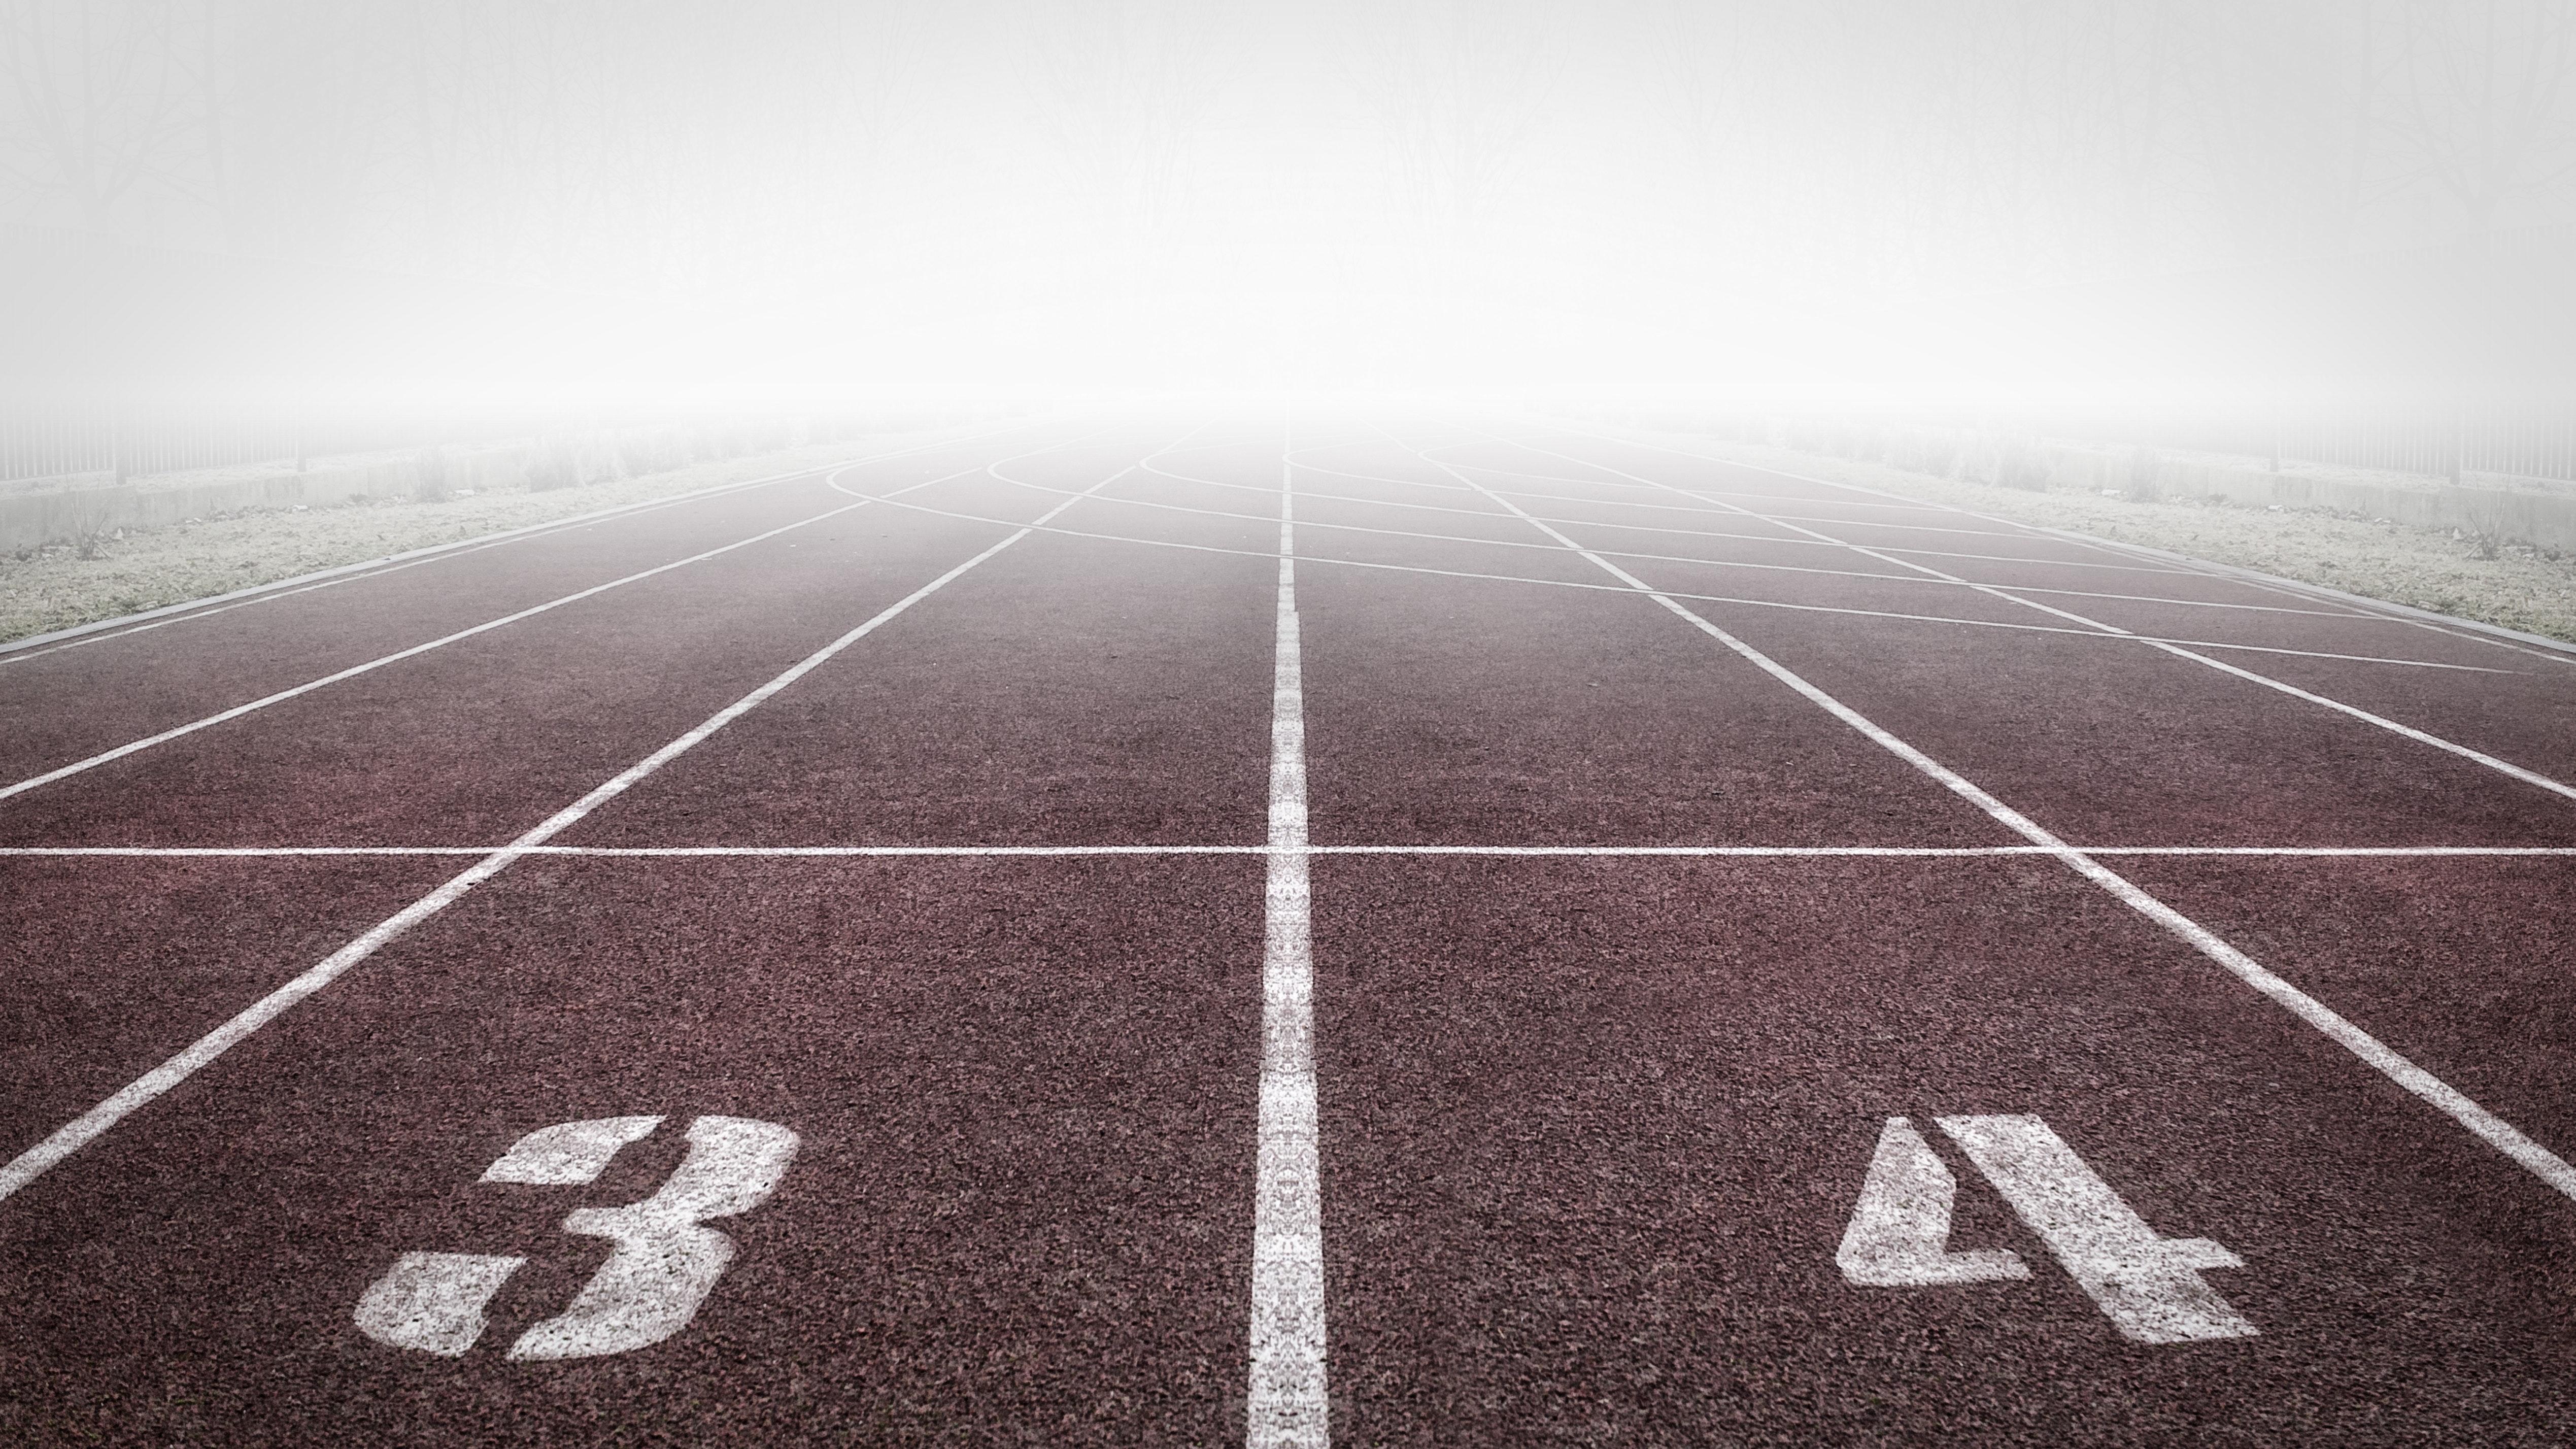 Asphalt running track